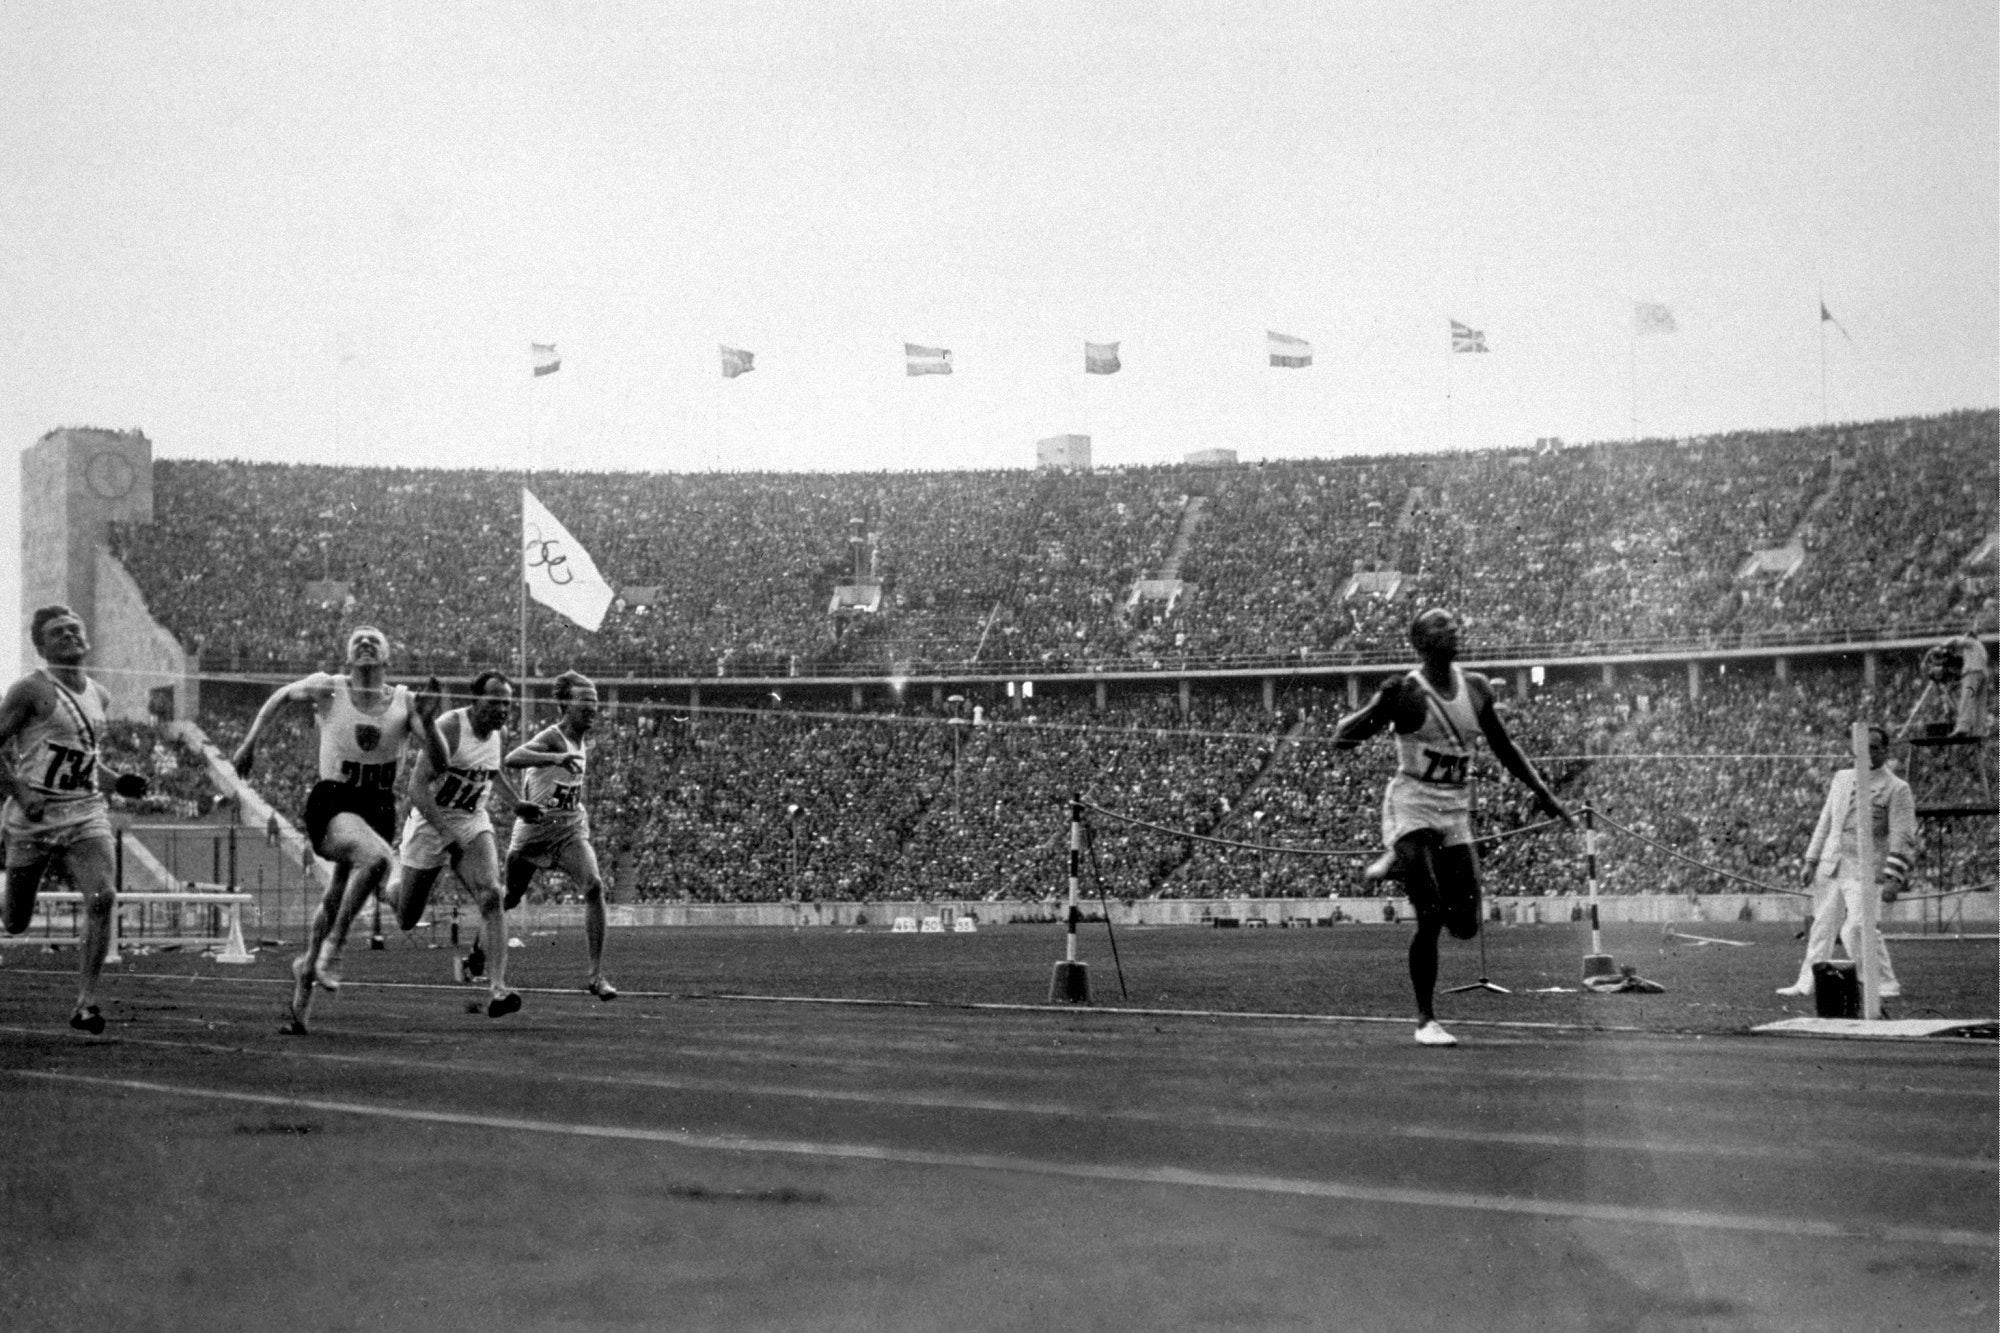 Igrzyska olimpijskie - Berlin 1936. Jesse Owens